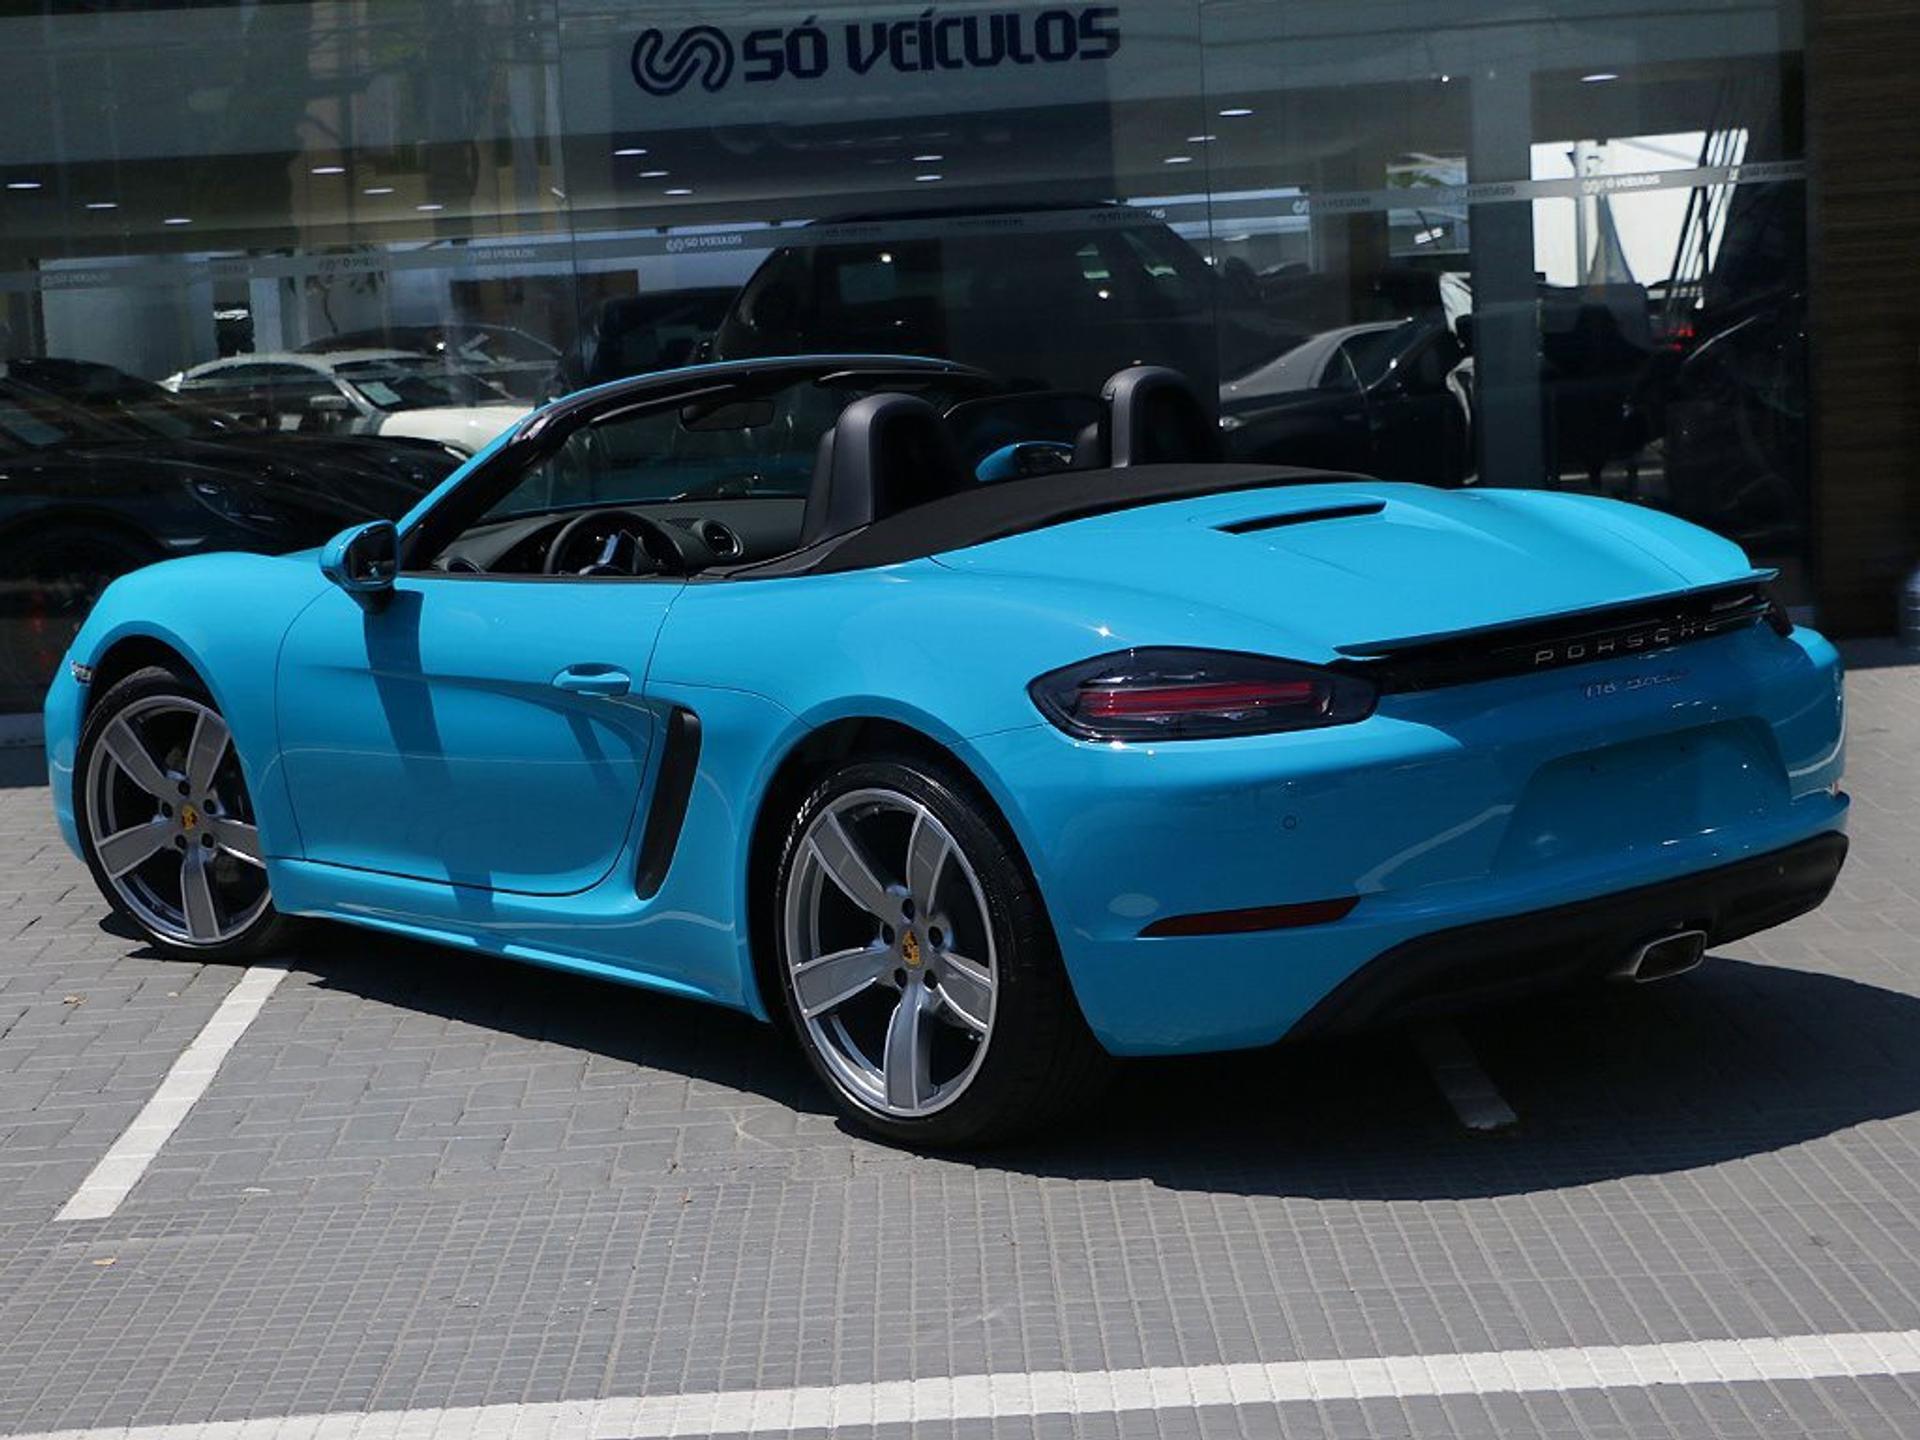 Porsche 718 2.0 16v H4 Gasolina Boxster Pdk Wmimagem13300700759